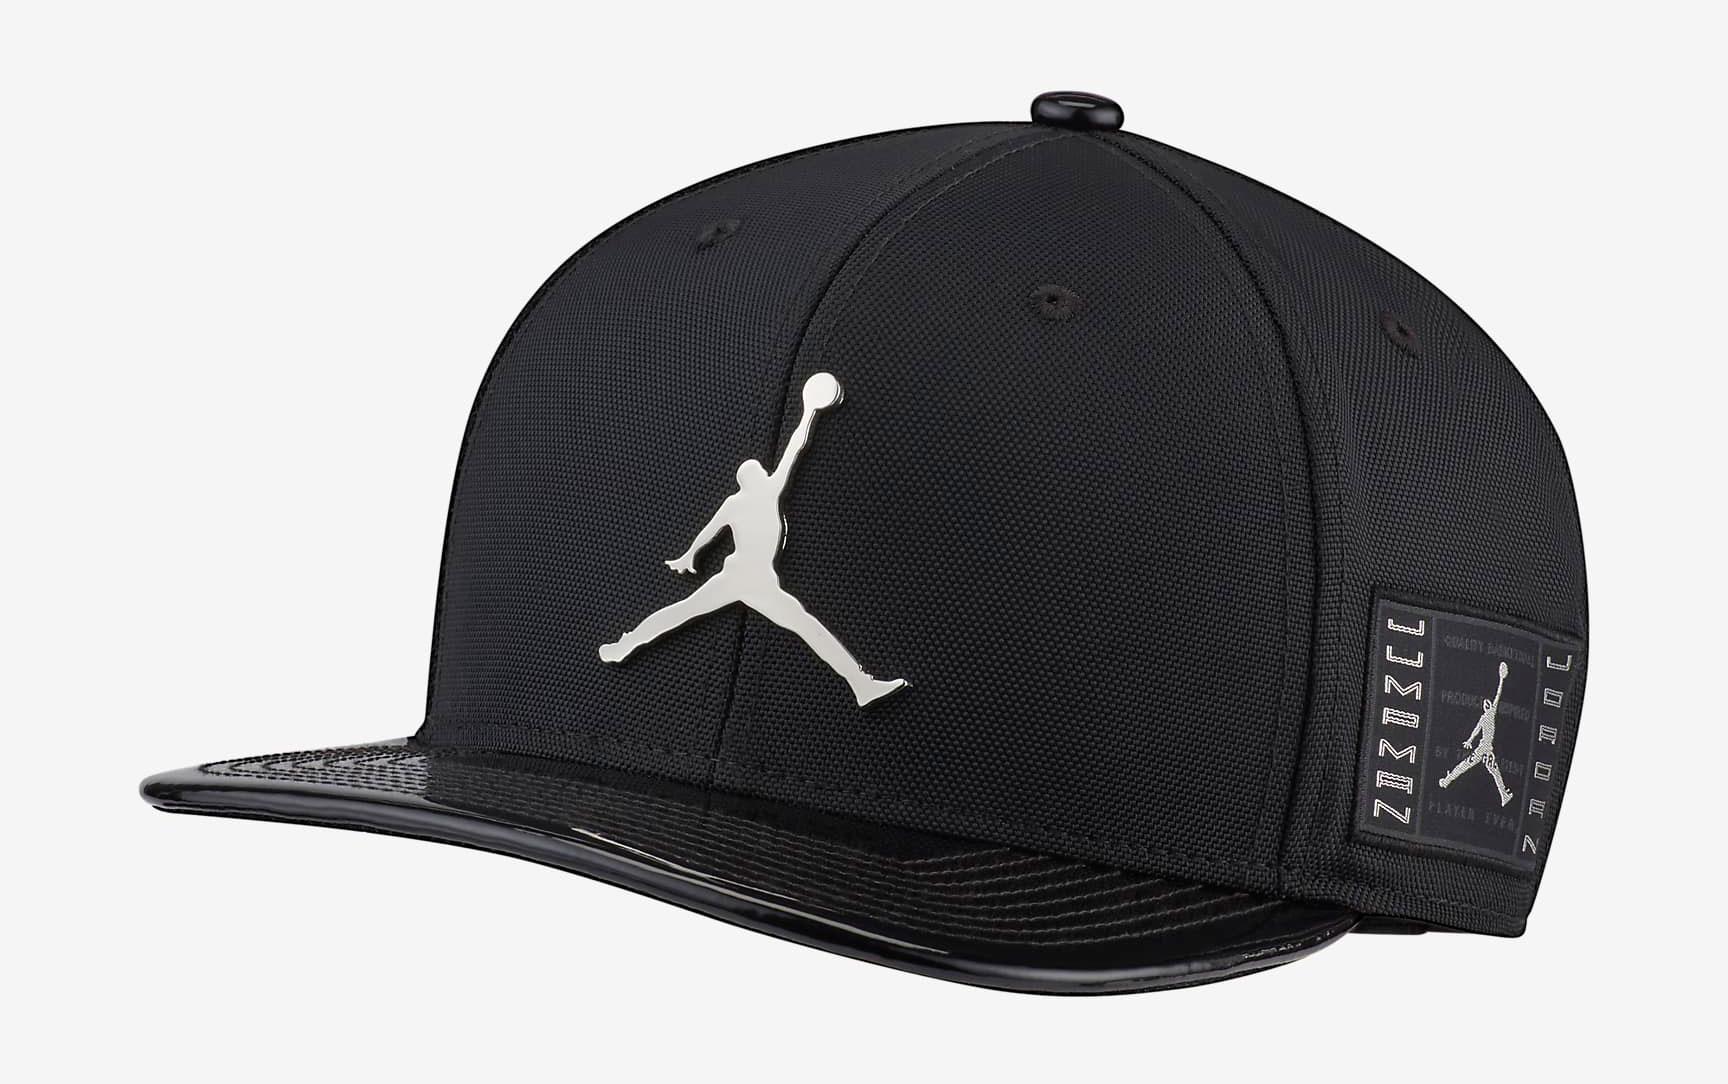 air-jordan-11-jubilee-25th-anniversary-hat-1